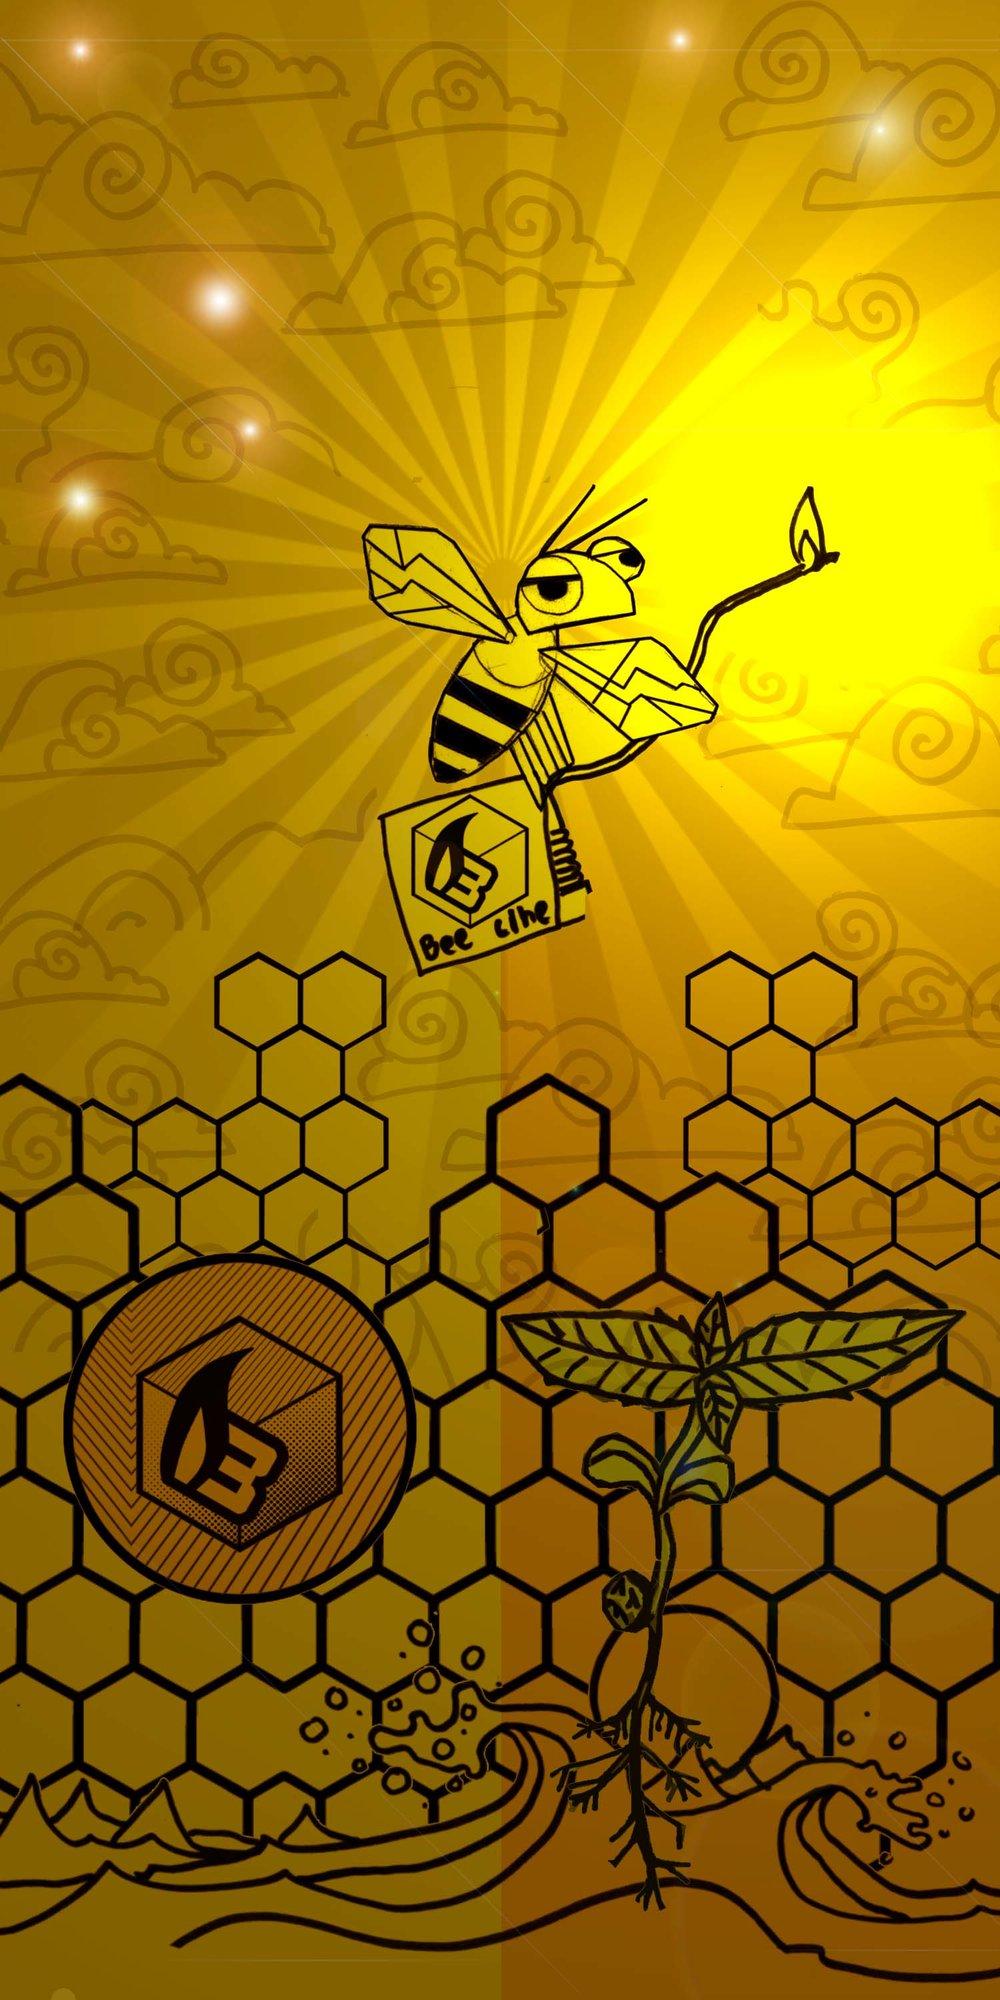 bee line we11.jpg